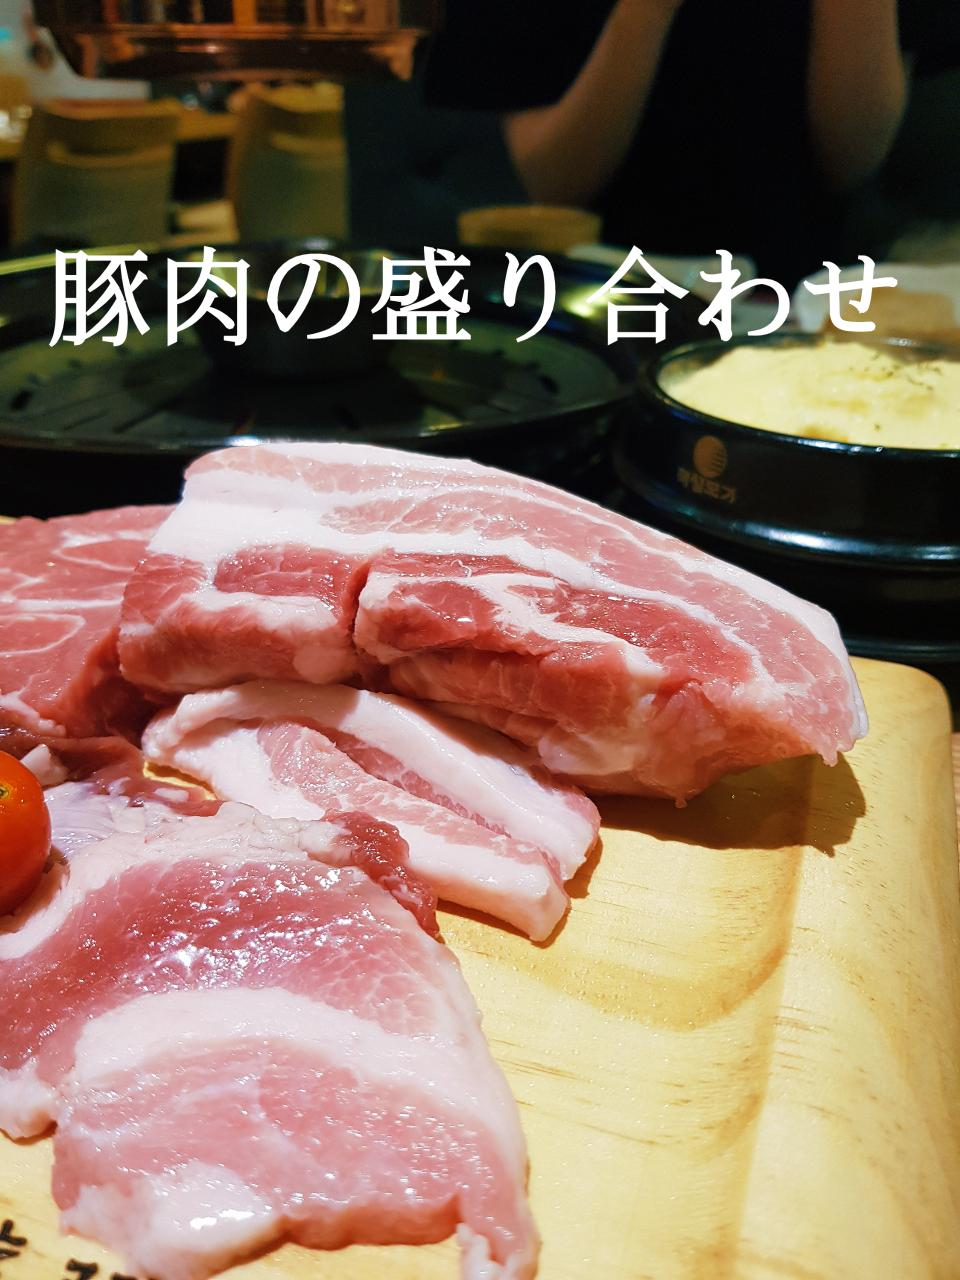 シンガポール韓国BBQ タンパガ ハロアジ